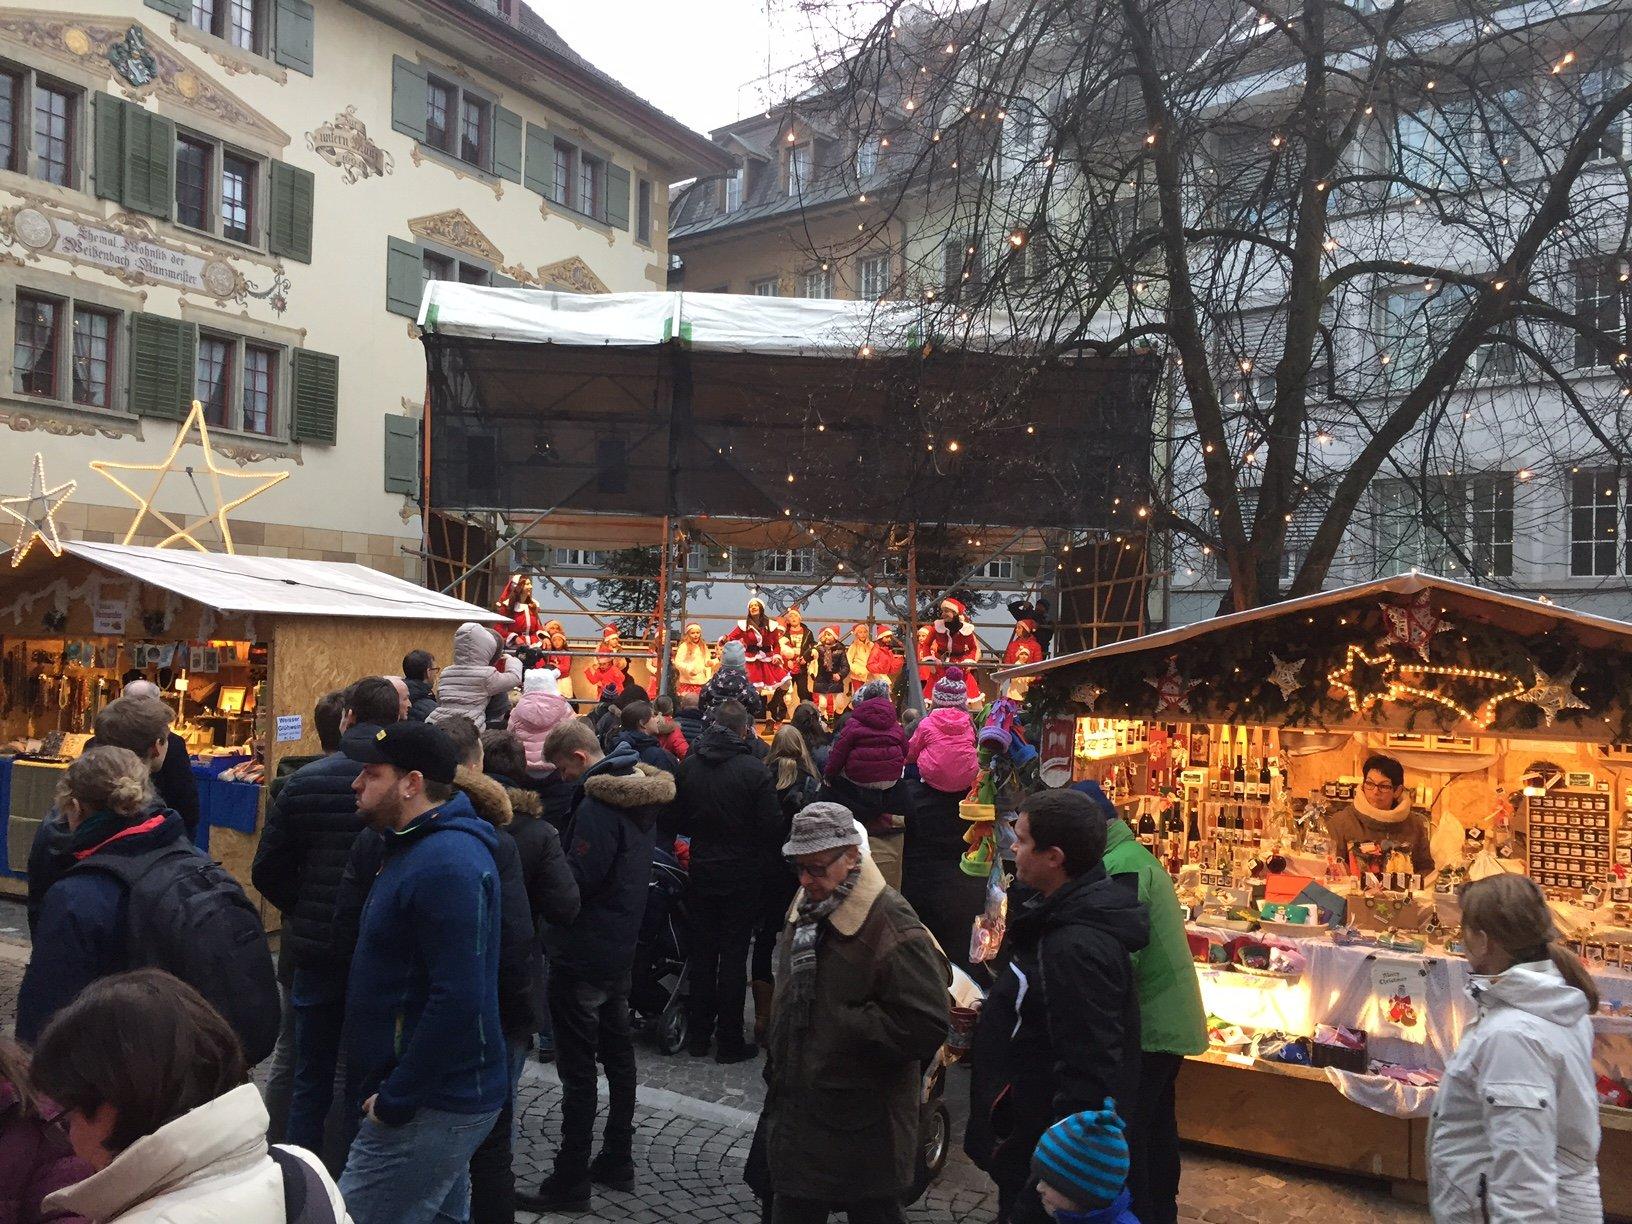 Impression vom letztjährigen Weihnachtsmarkt. Auf der Bühne neben dem Haus zur Münz finden Konzerte und Darbietungen statt.